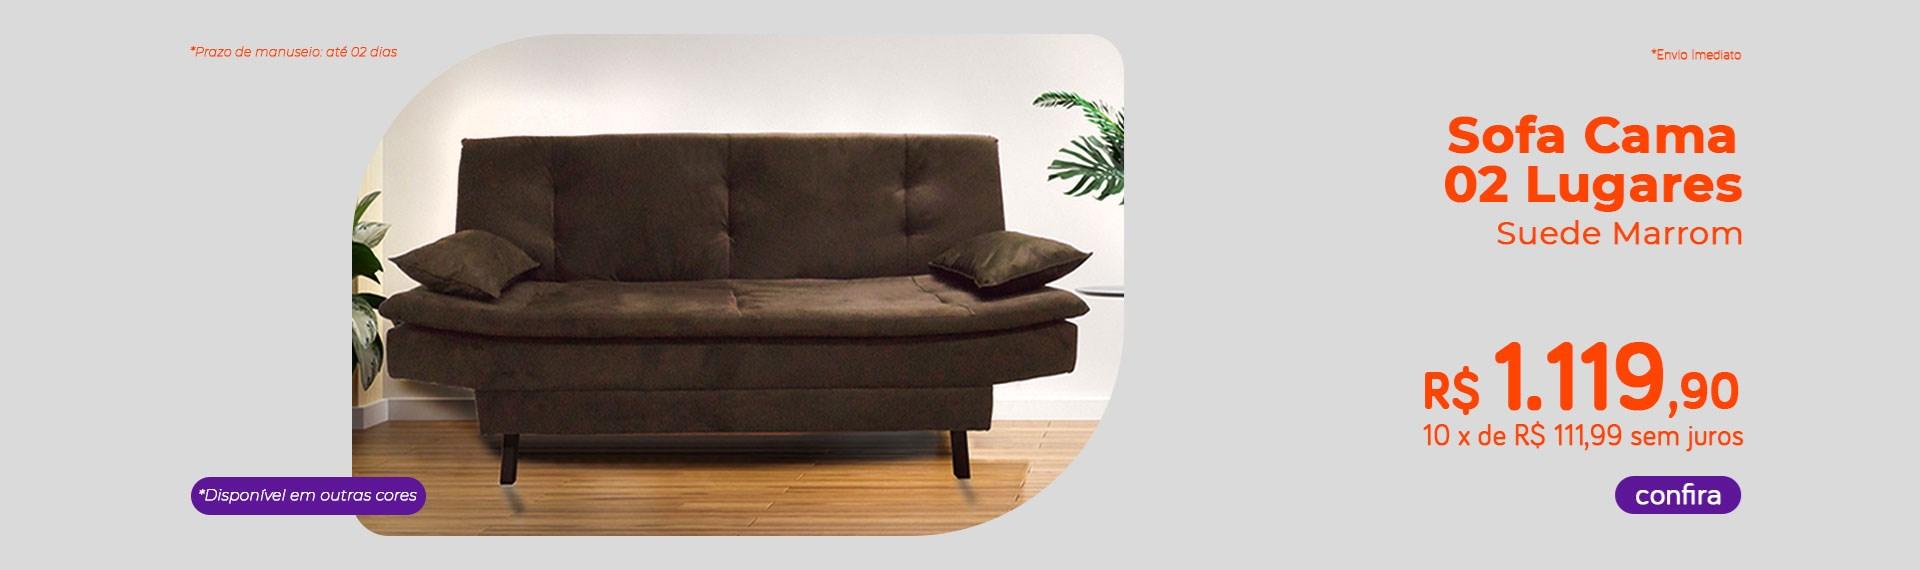 Sofa Cama 02 Lugares